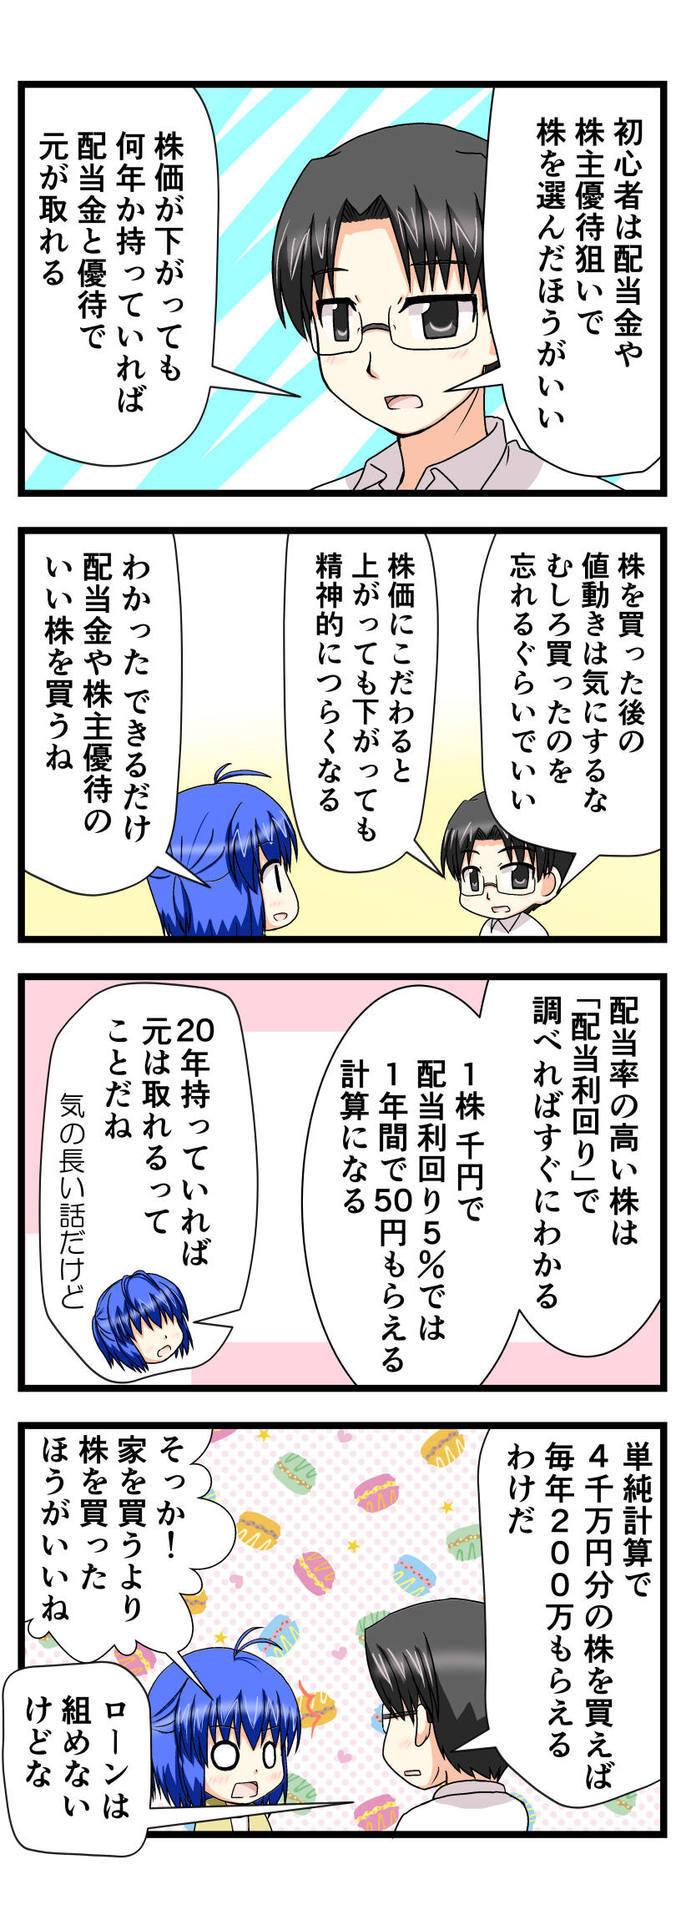 萌える株セミナー没2.jpg